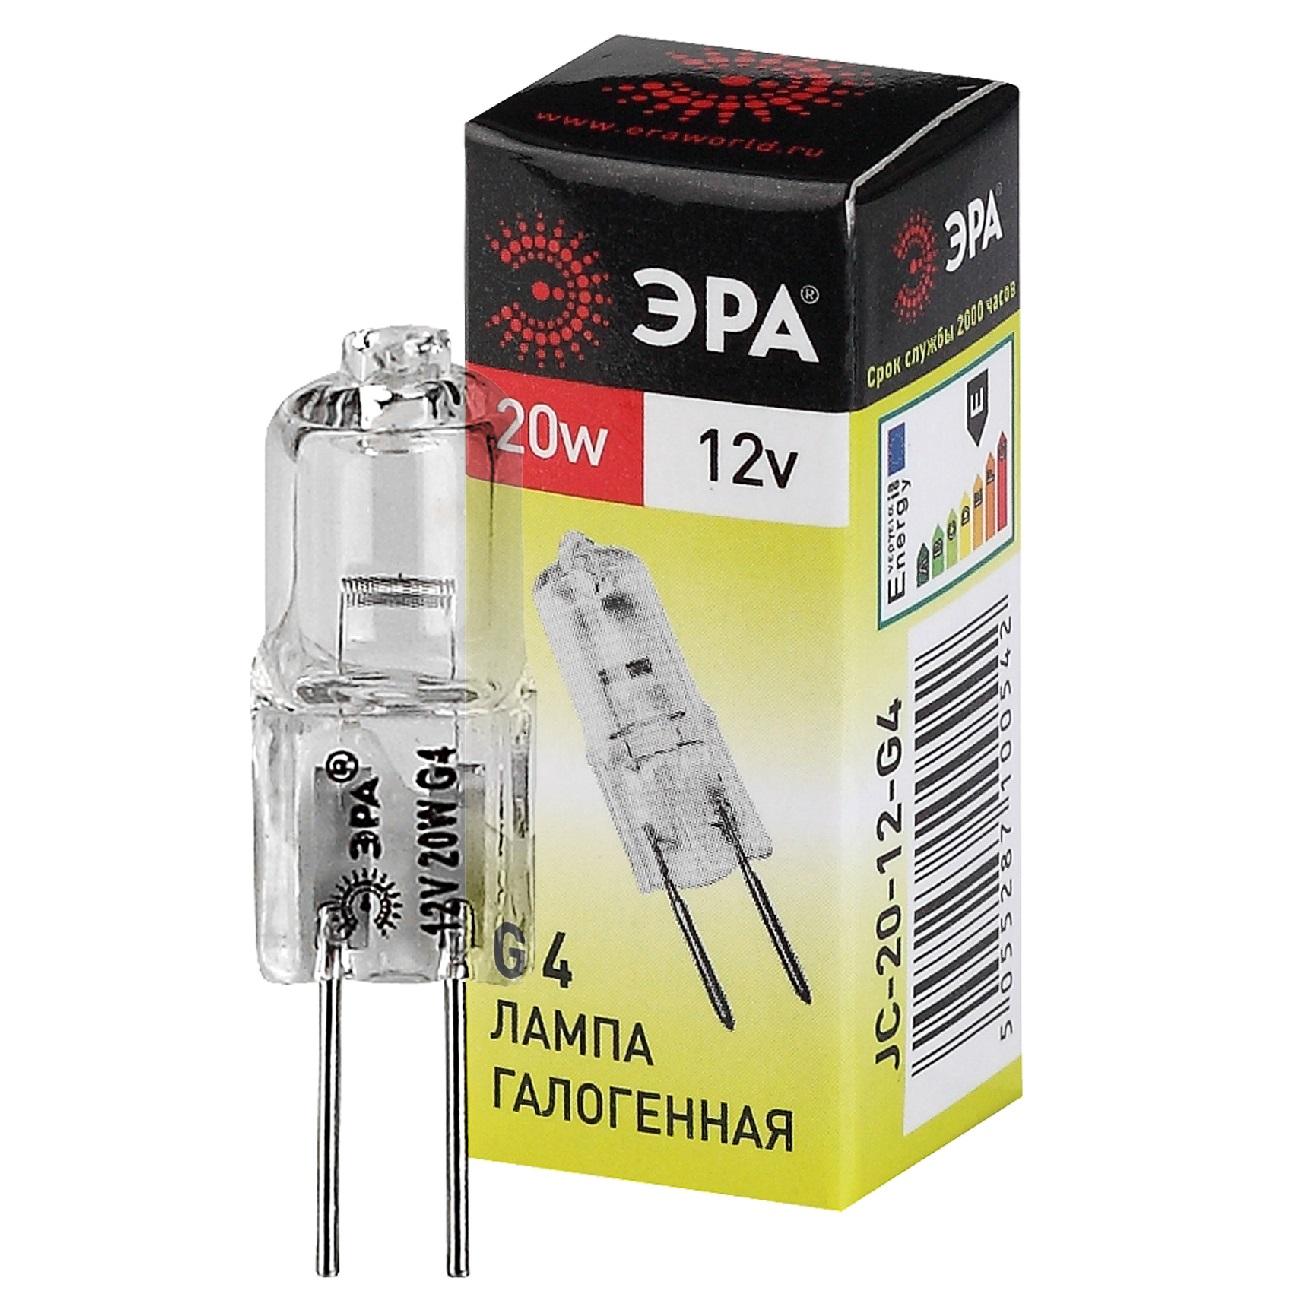 Лампа галогенная ЭРА G4-JC-20W-12V